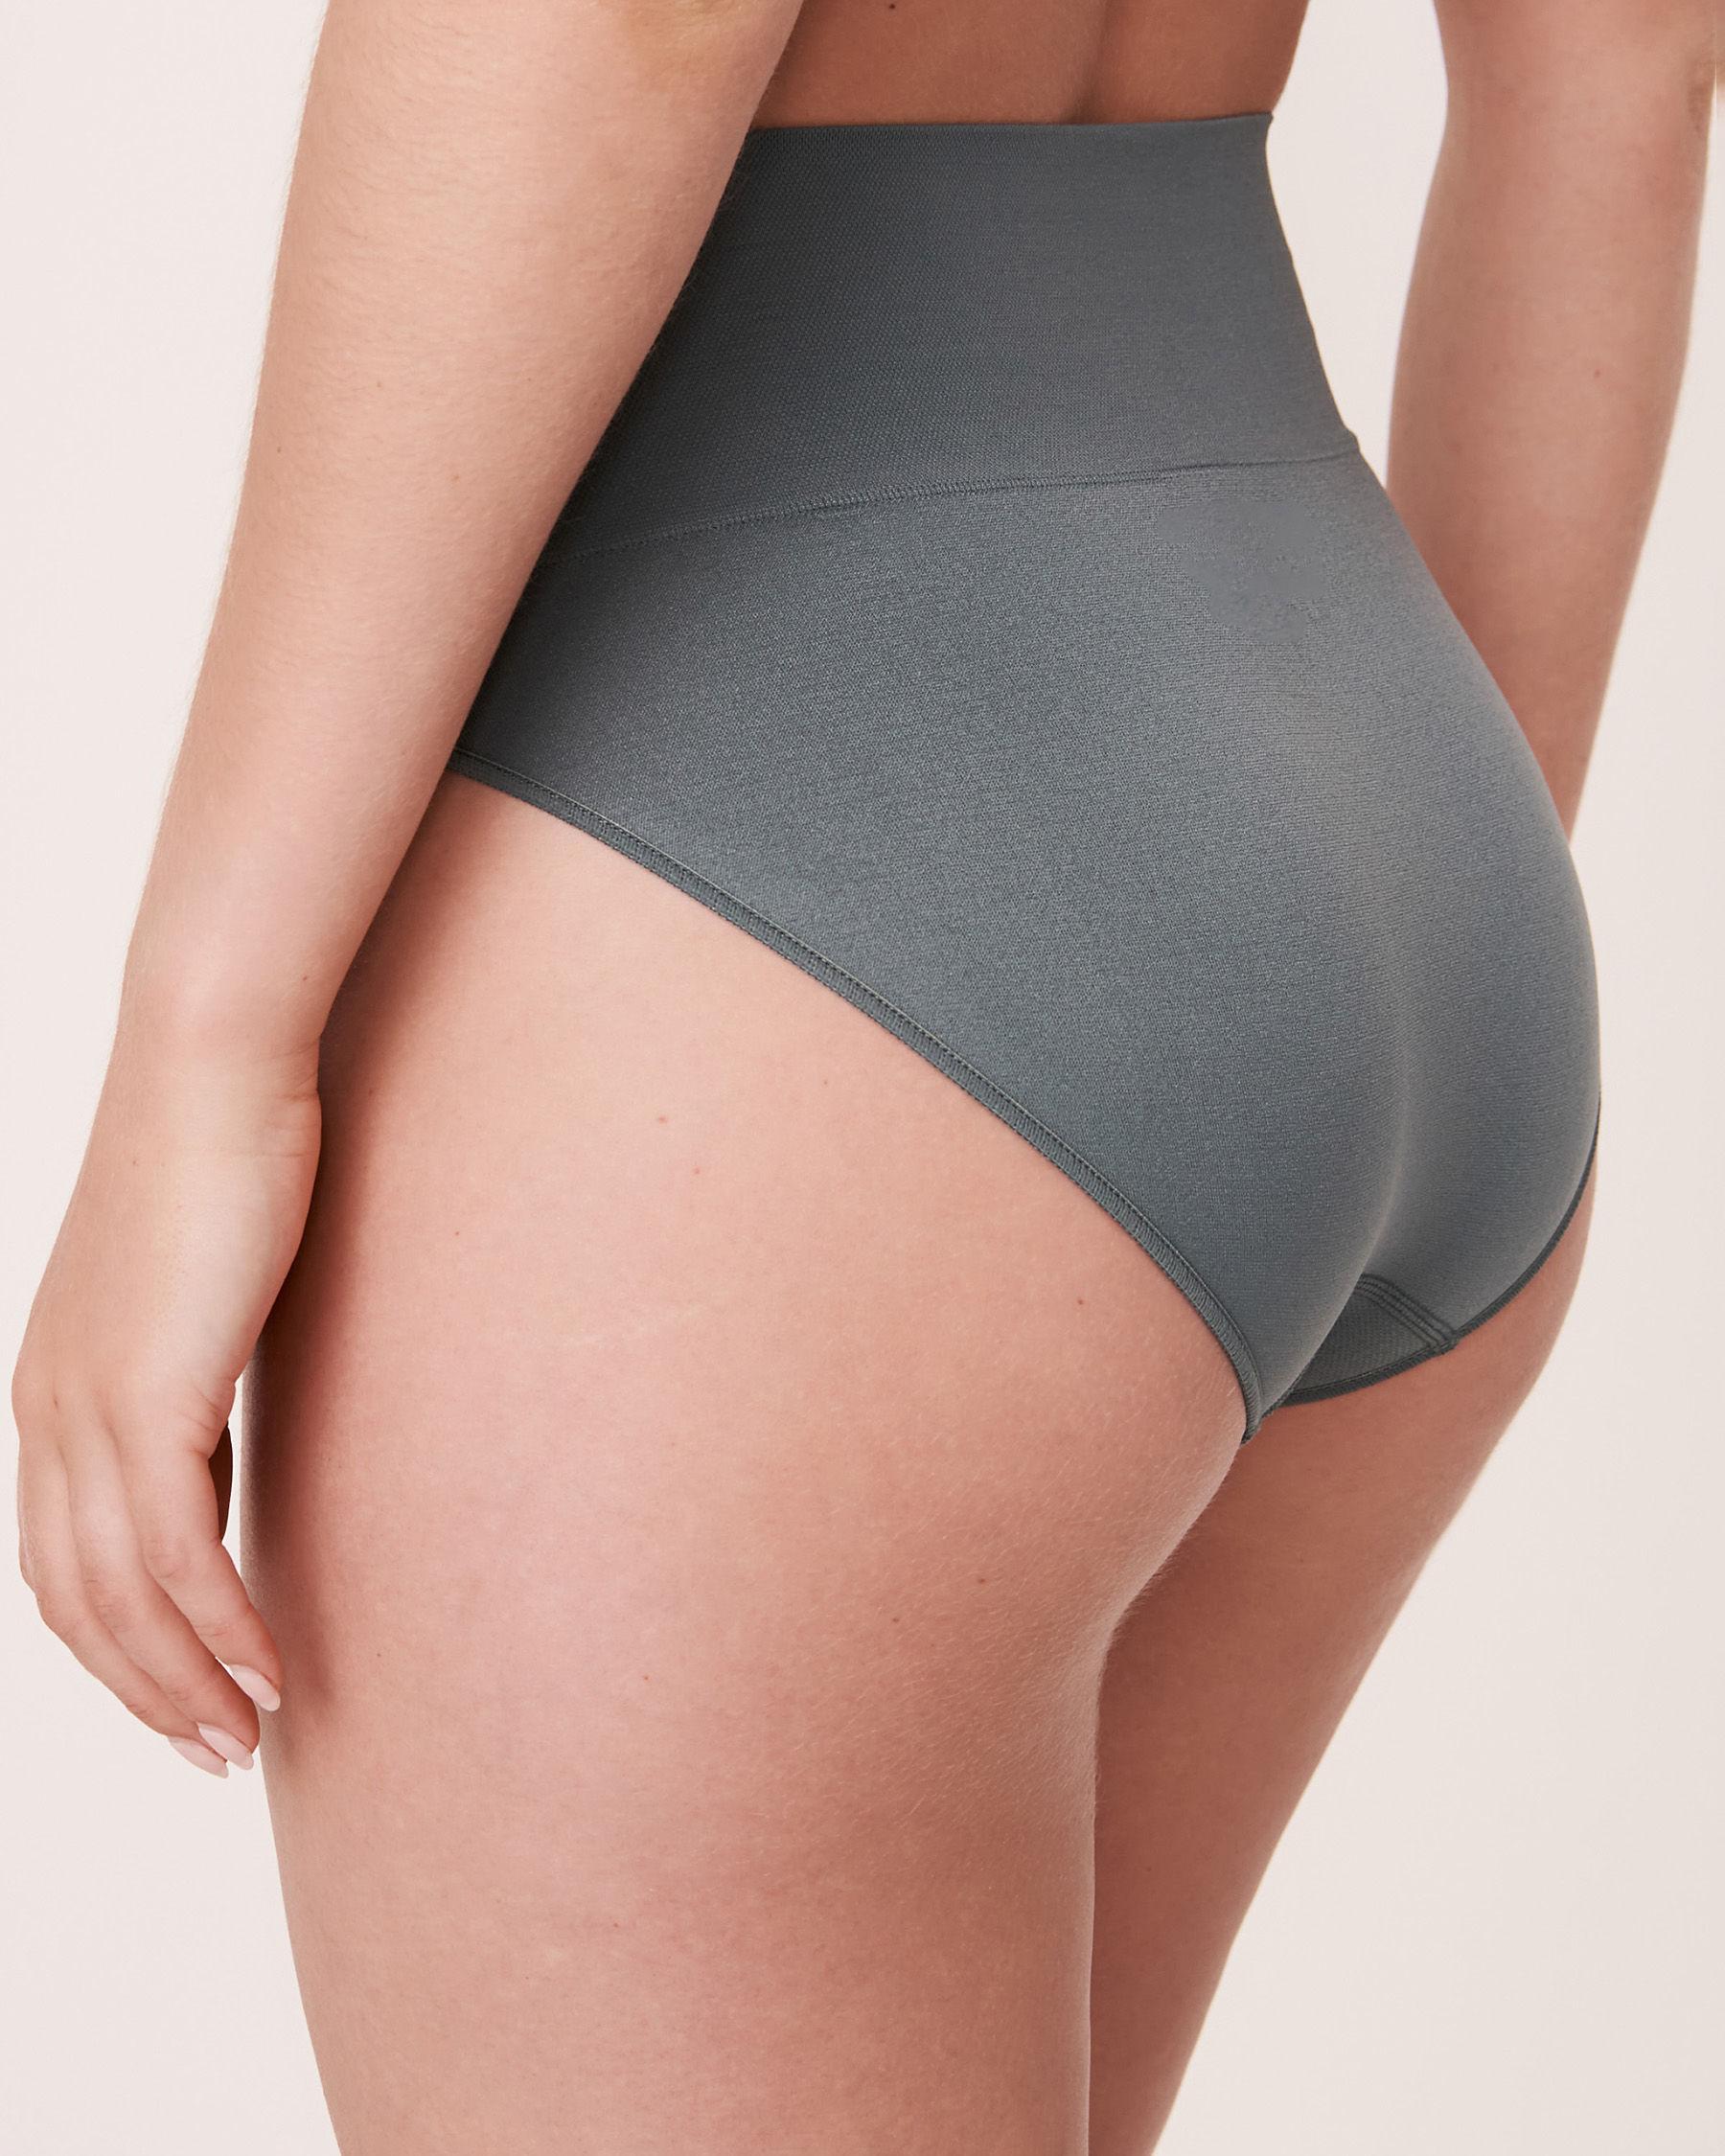 LA VIE EN ROSE Seamless High Waist Bikini Panty Green 20200038 - View2